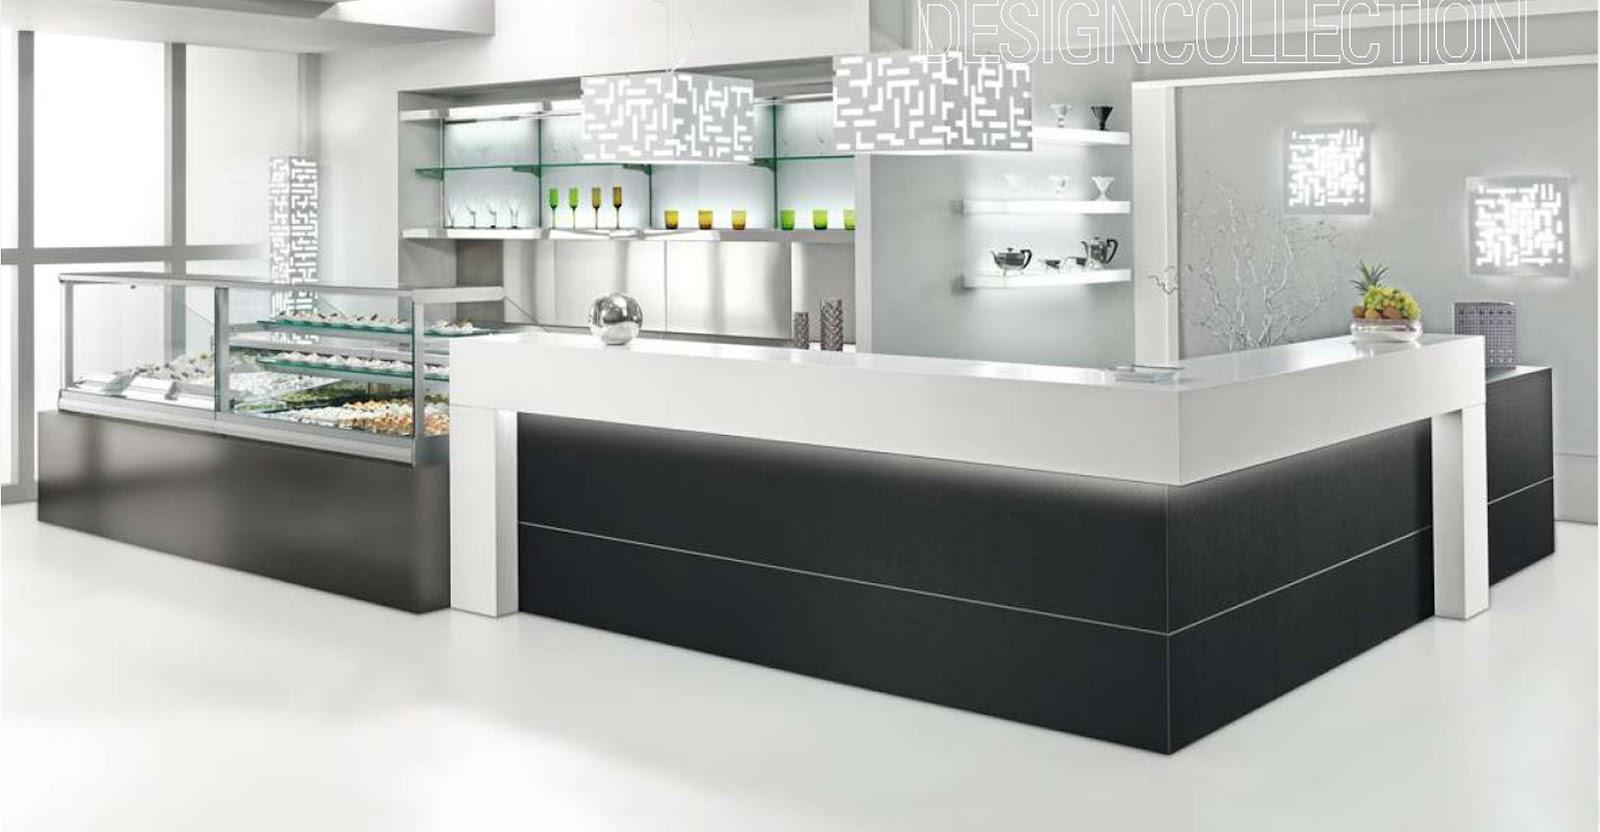 Degart arredamento progettazione bar ristoranti pub a for Arredamento moderno bar